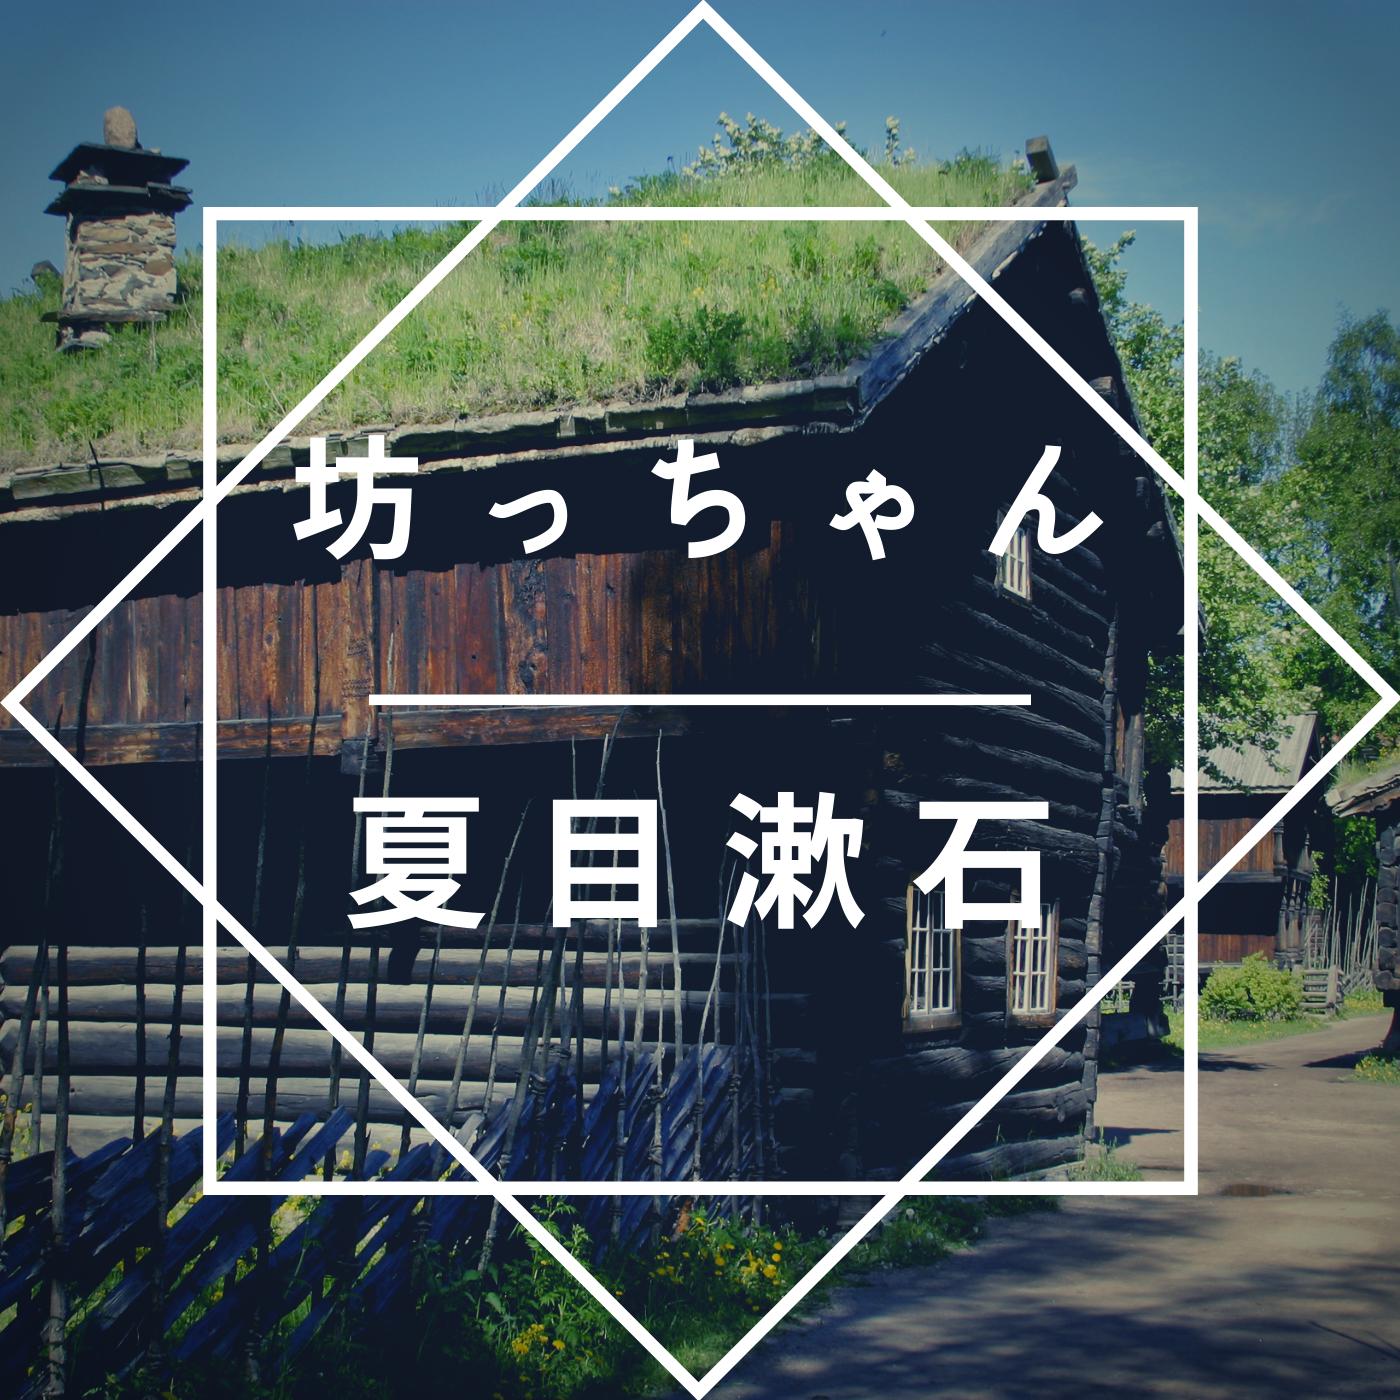 夏目漱石「坊っちゃん」のあらすじを徹底解説、読んでみた感想